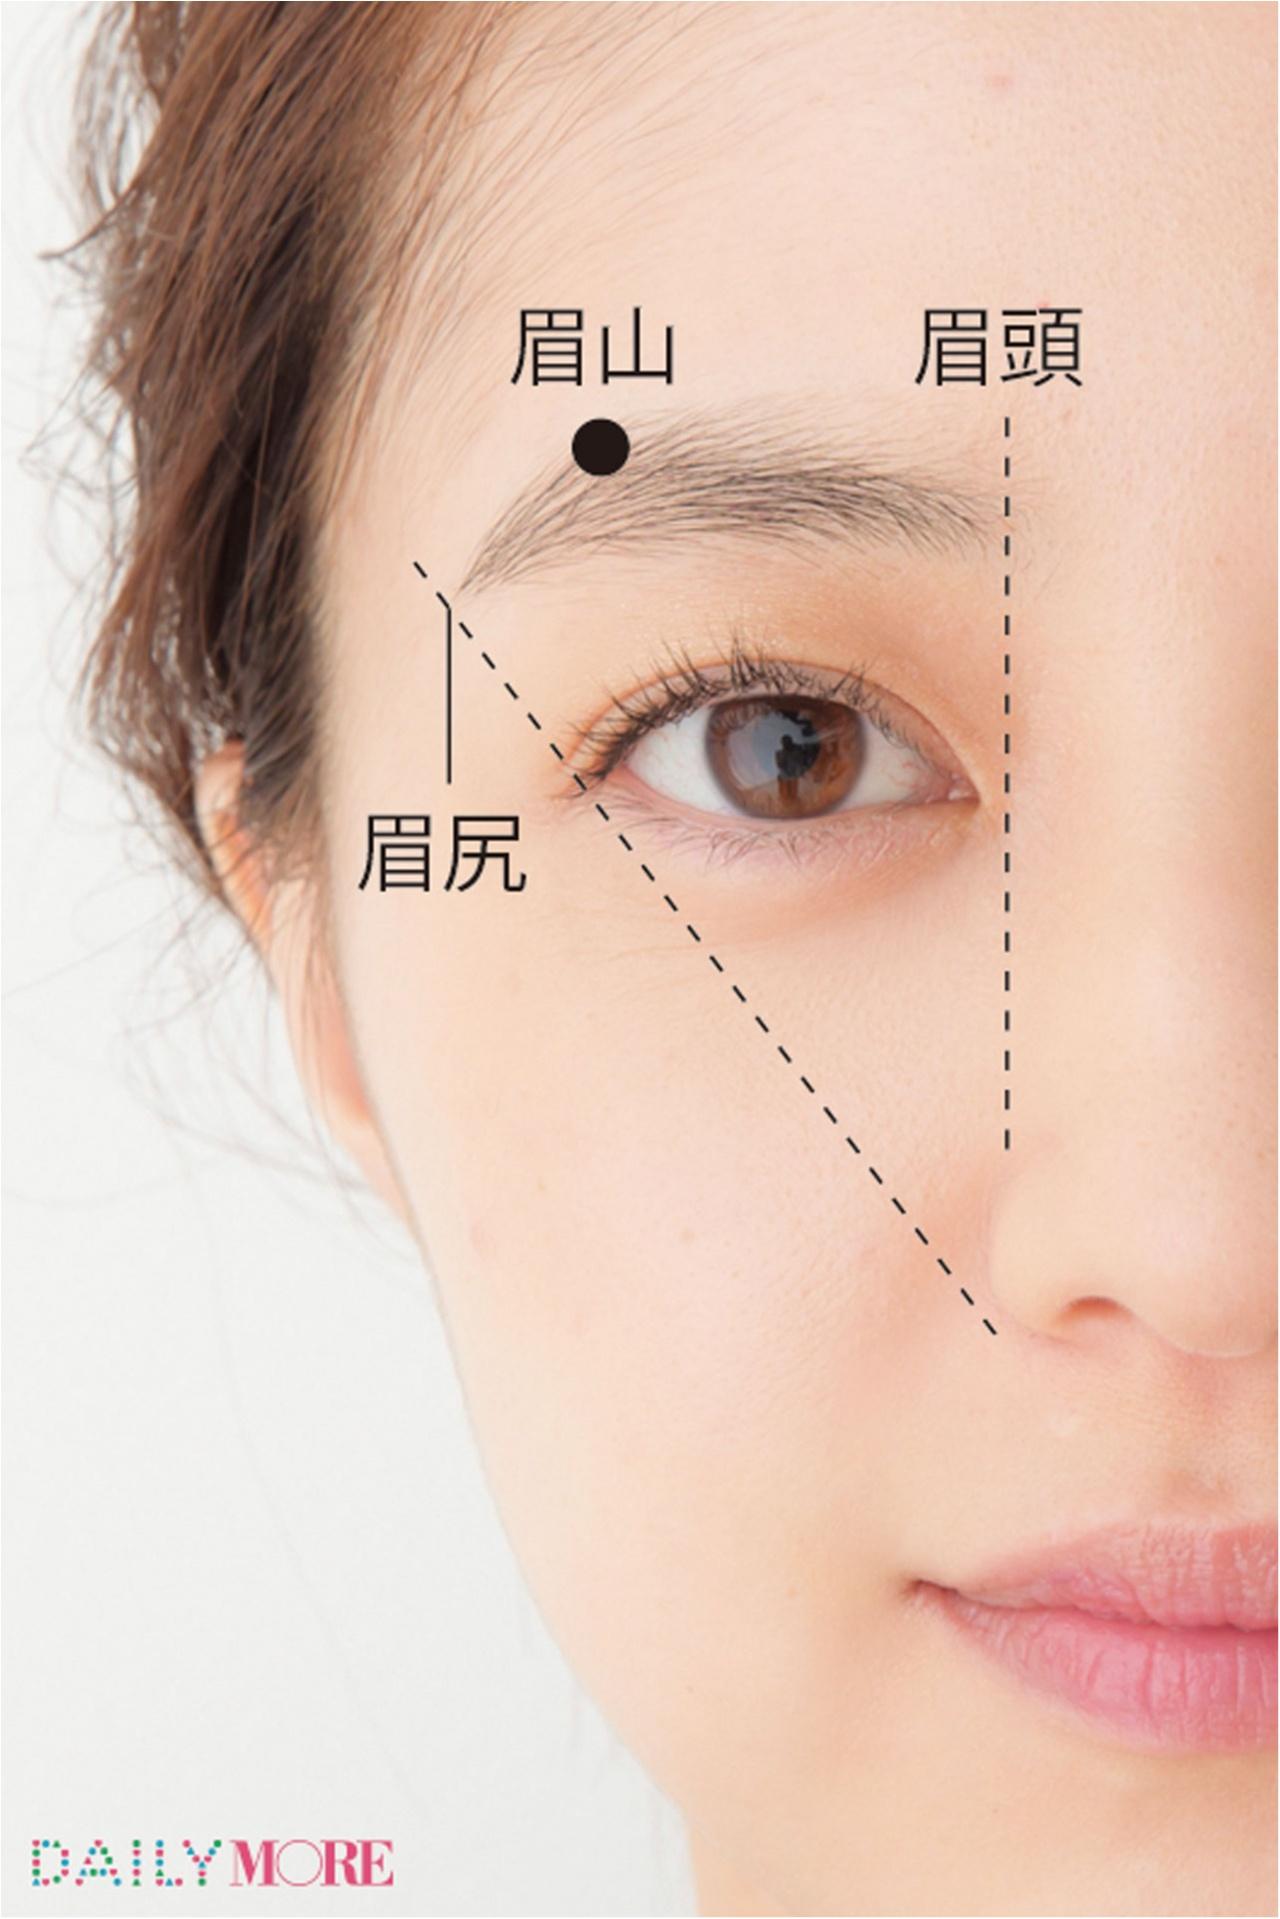 平行眉メイク特集 - 眉毛の形の整え方、描き方のポイントまとめ_1